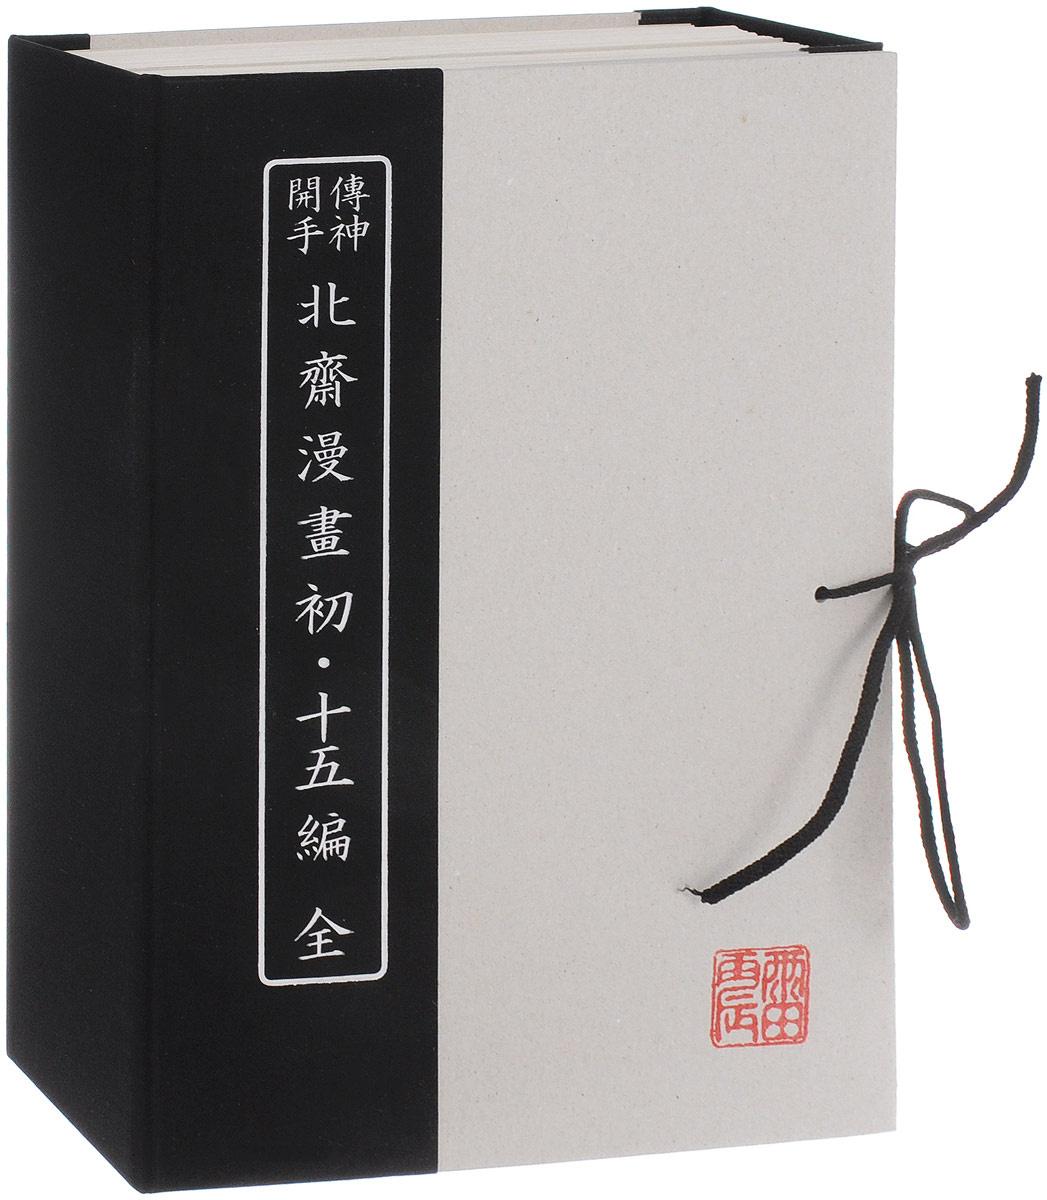 Манга Хокусая. Энциклопедия старой японской жизни в картинках (комплект из 3 книг + приложение)  #1